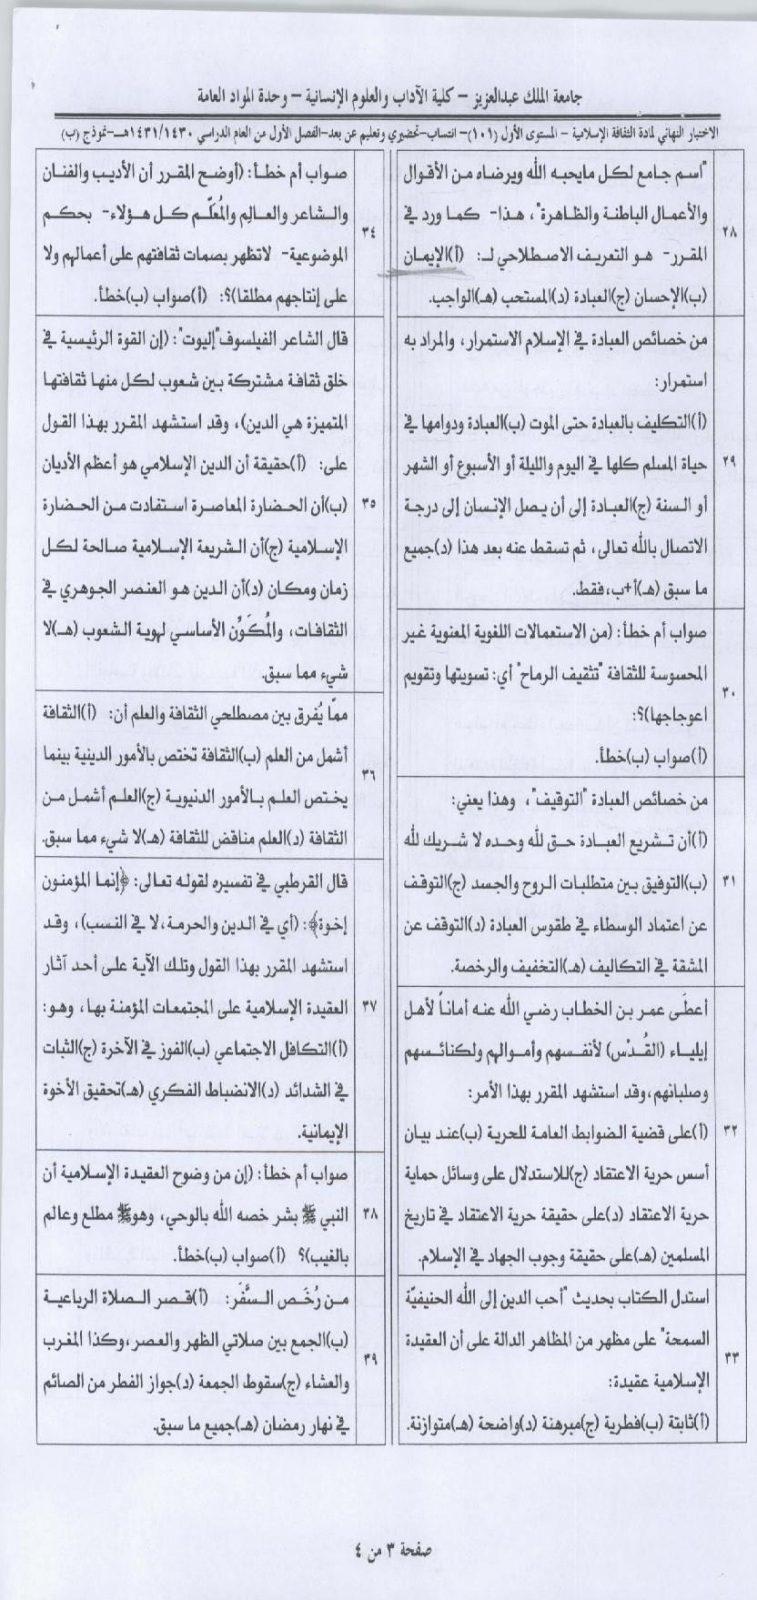 اسئلة مادة الثقافة الإسلامية isls 101 انتساب وتعليم عن بعد الفصل الدراسي الأول 1431هـ نموذج (ب) 312.jpg